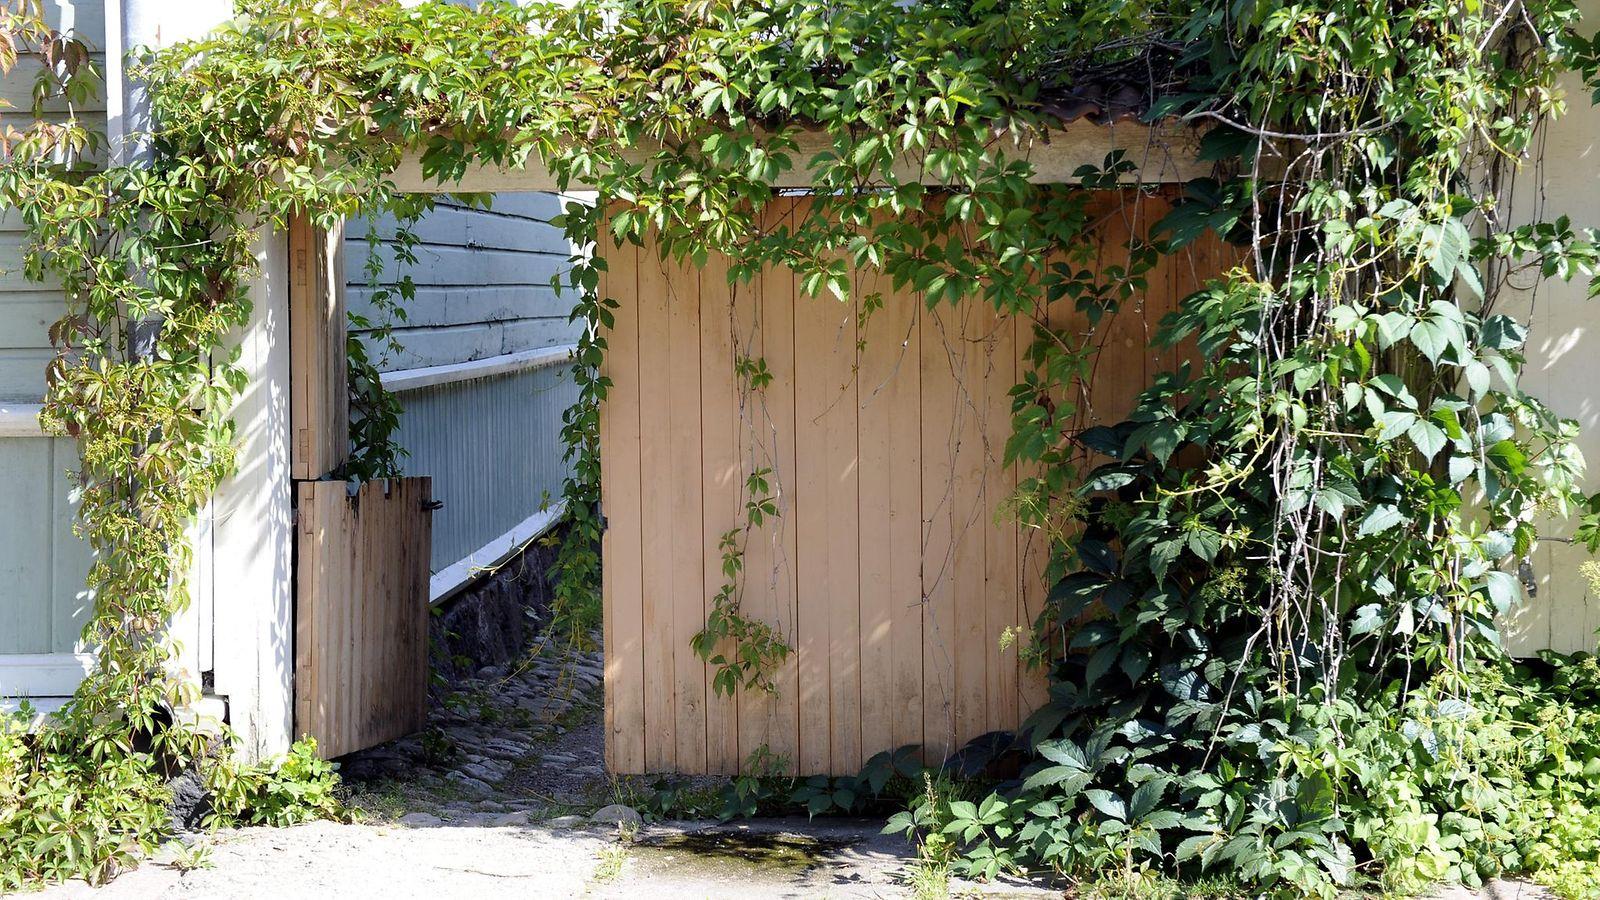 Kuinka lähelle naapurin rajaa saa rakentaa